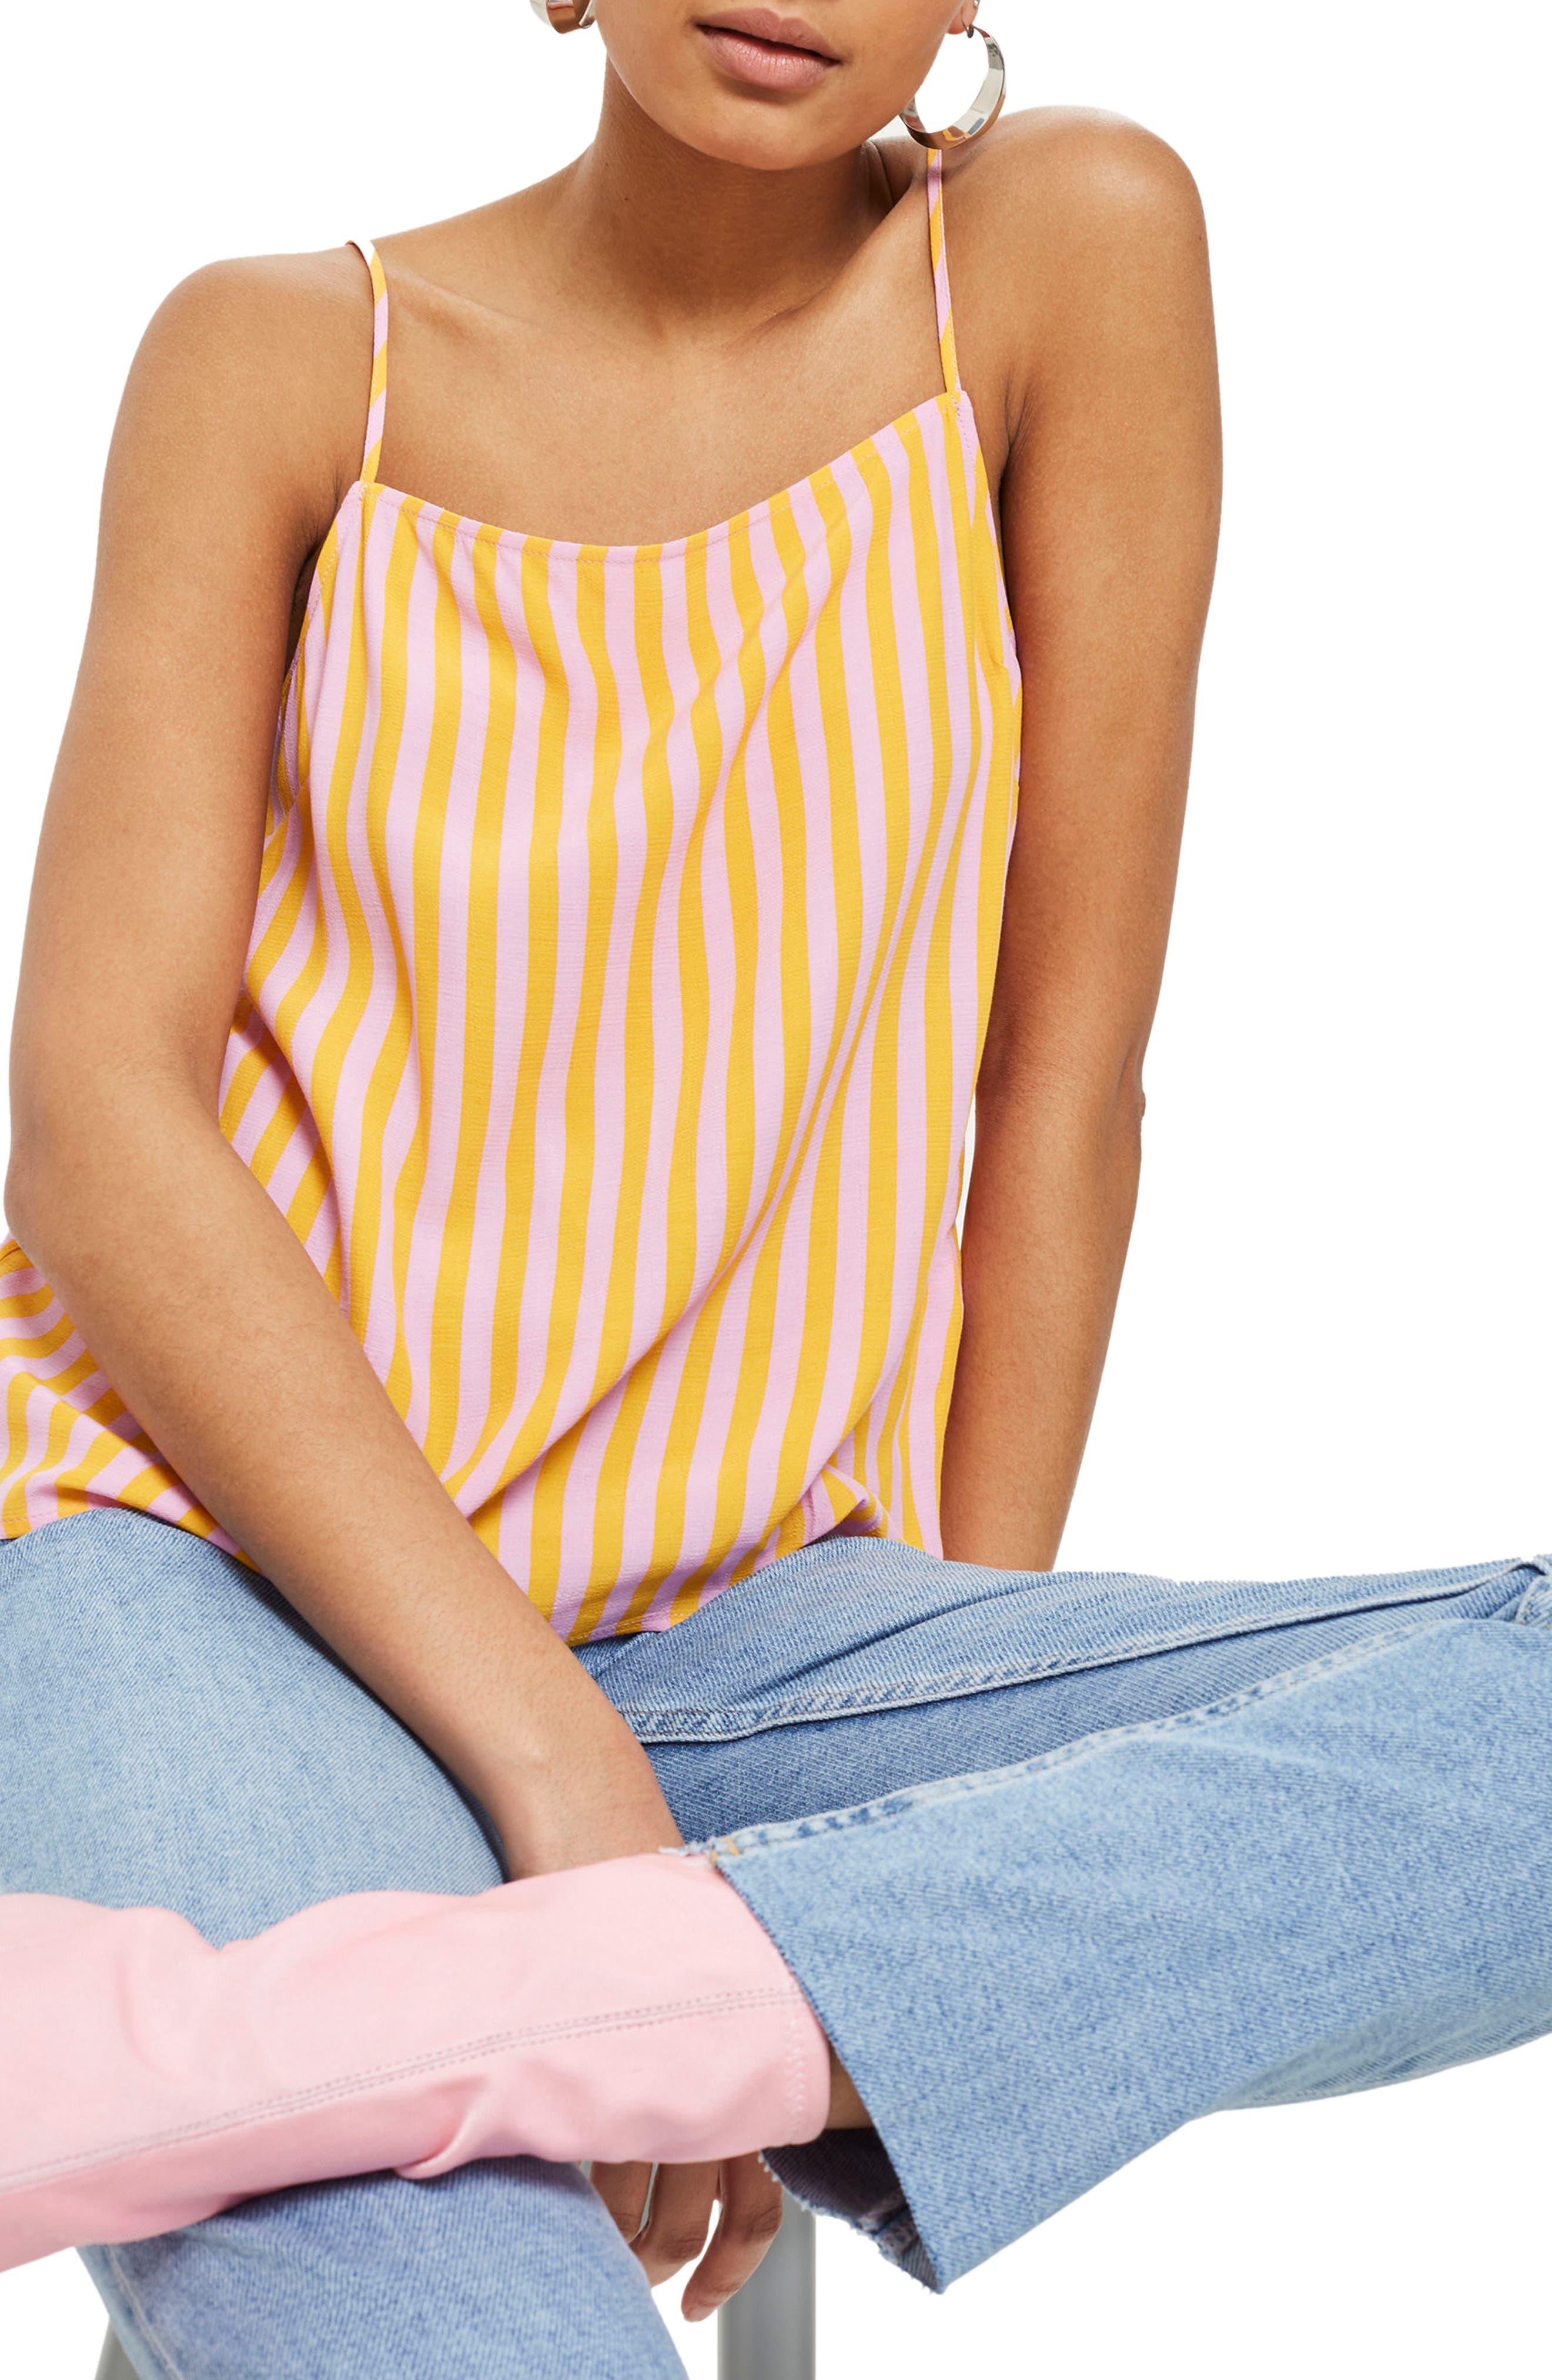 Fruit Salad Stripe Camisole Top,                             Main thumbnail 1, color,                             650